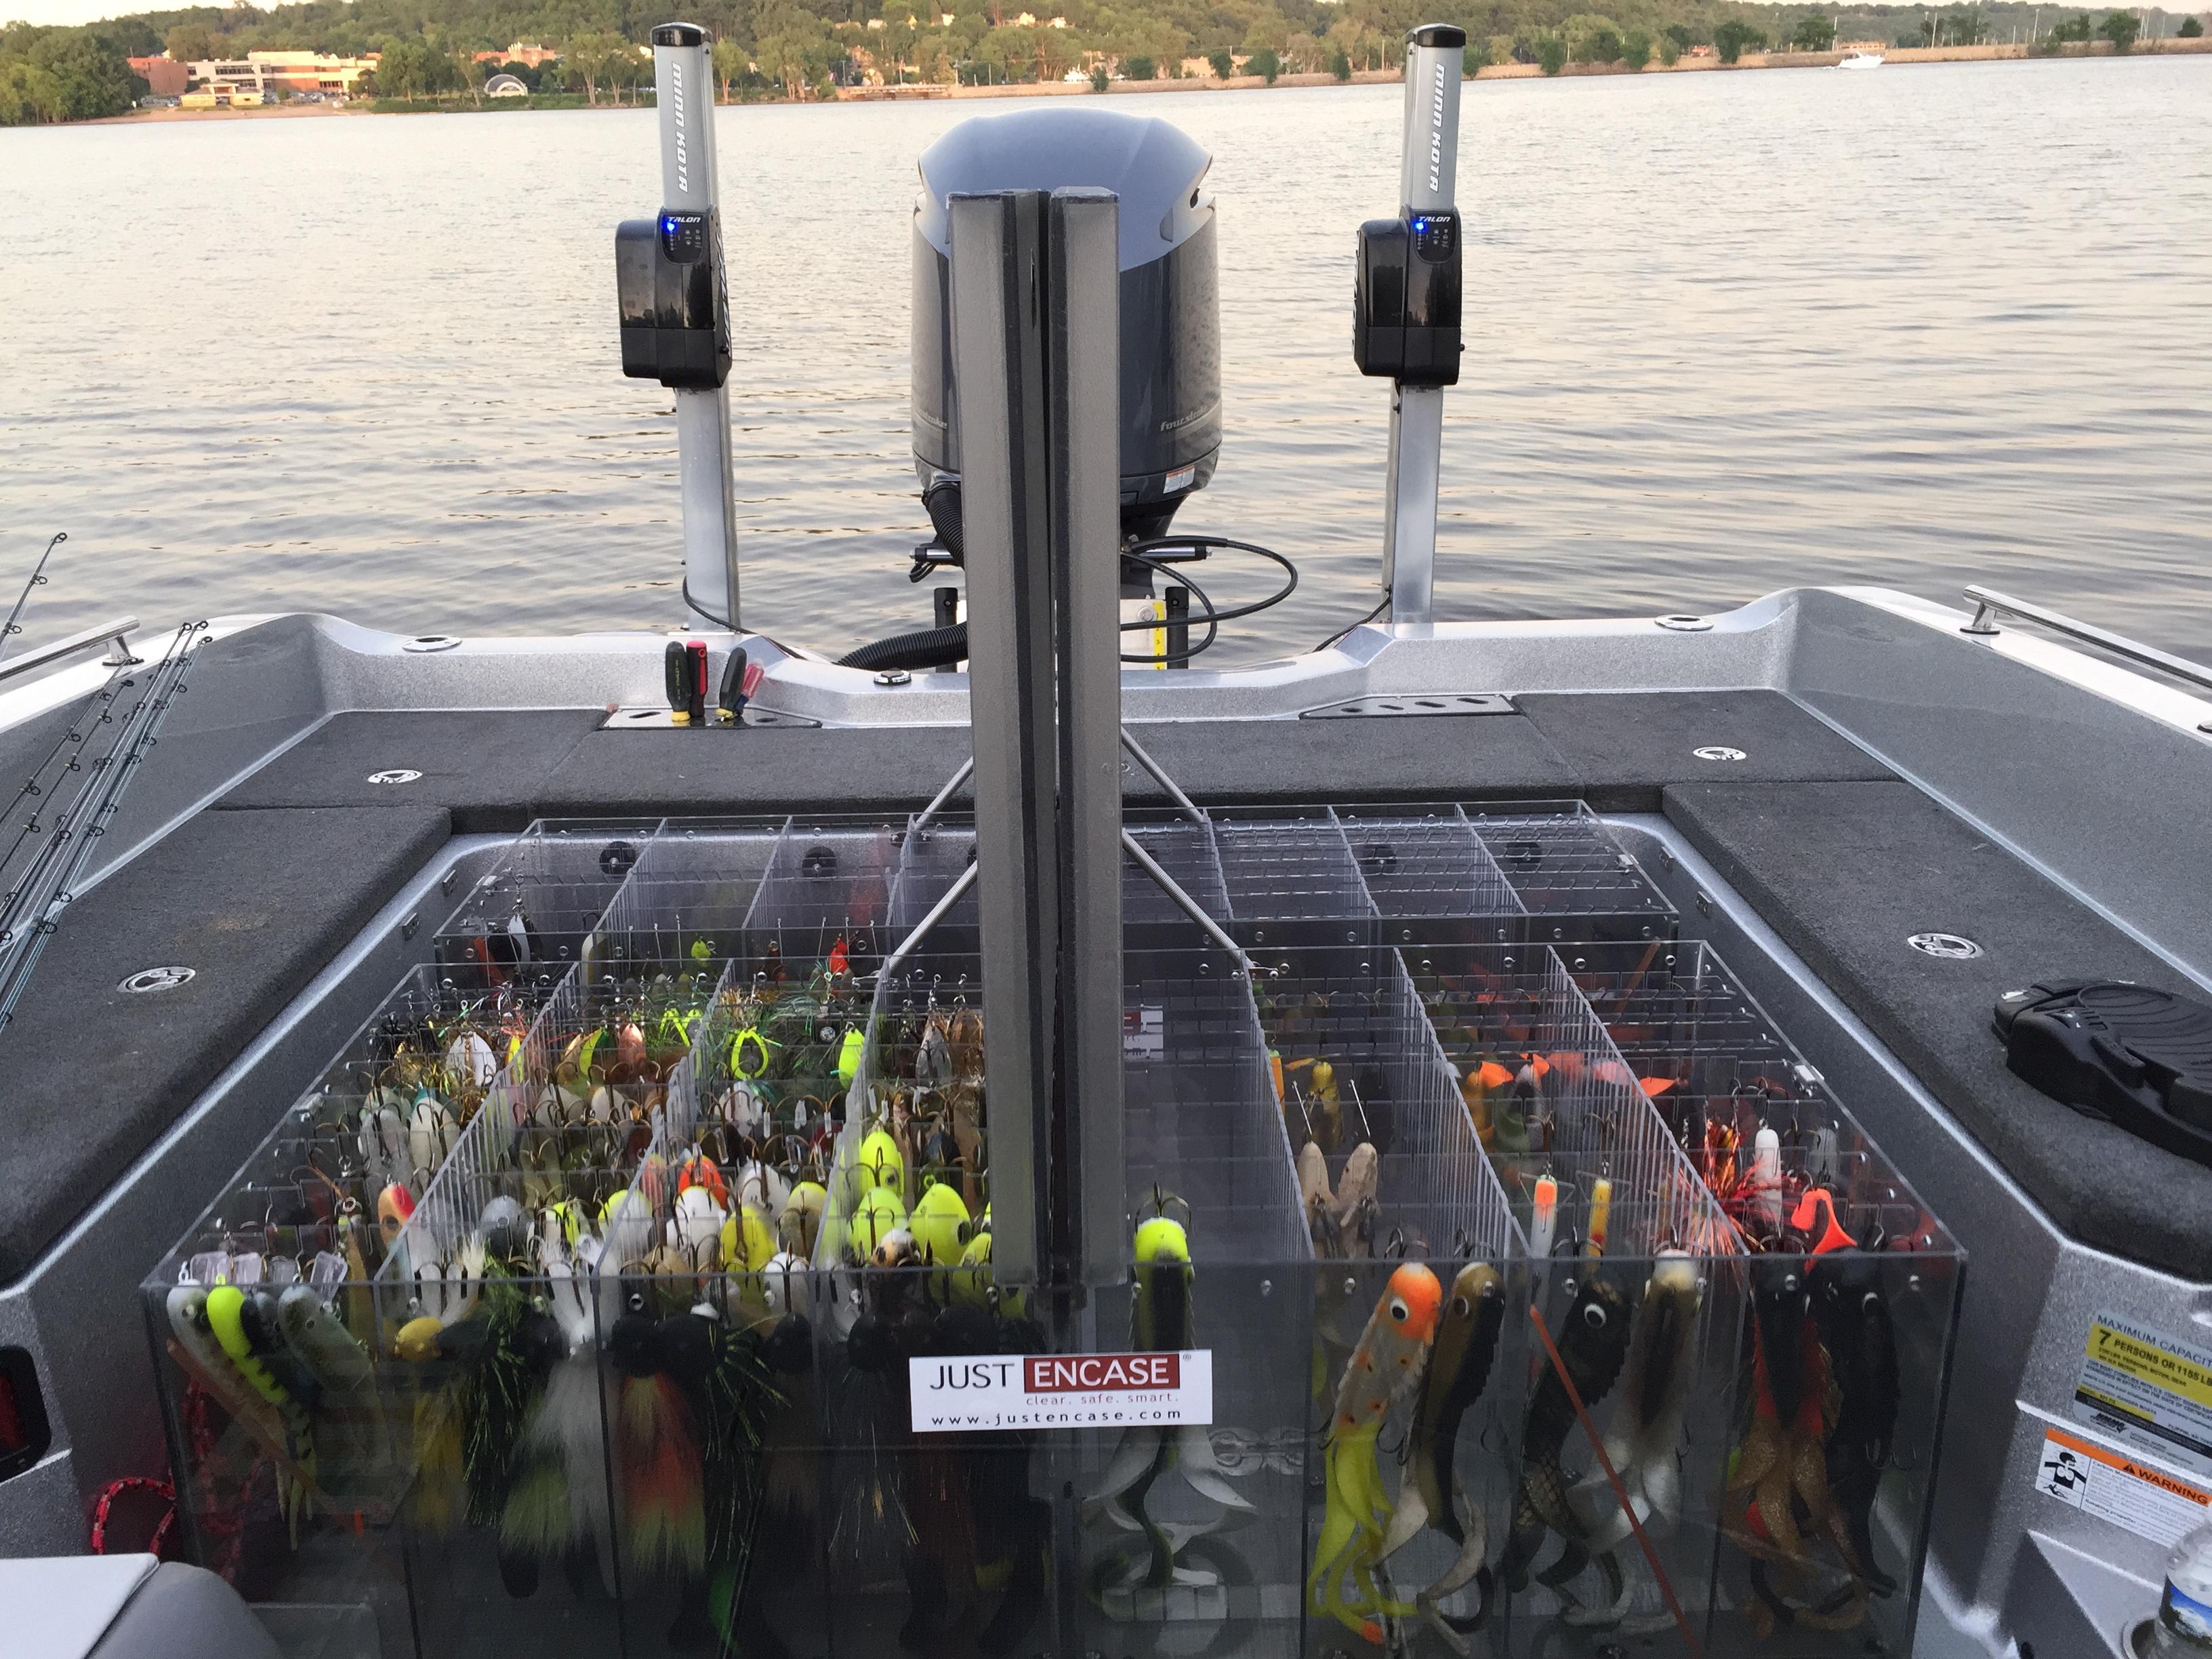 Ranger 621FS 2015 4 Dan Altmann 6-12-16